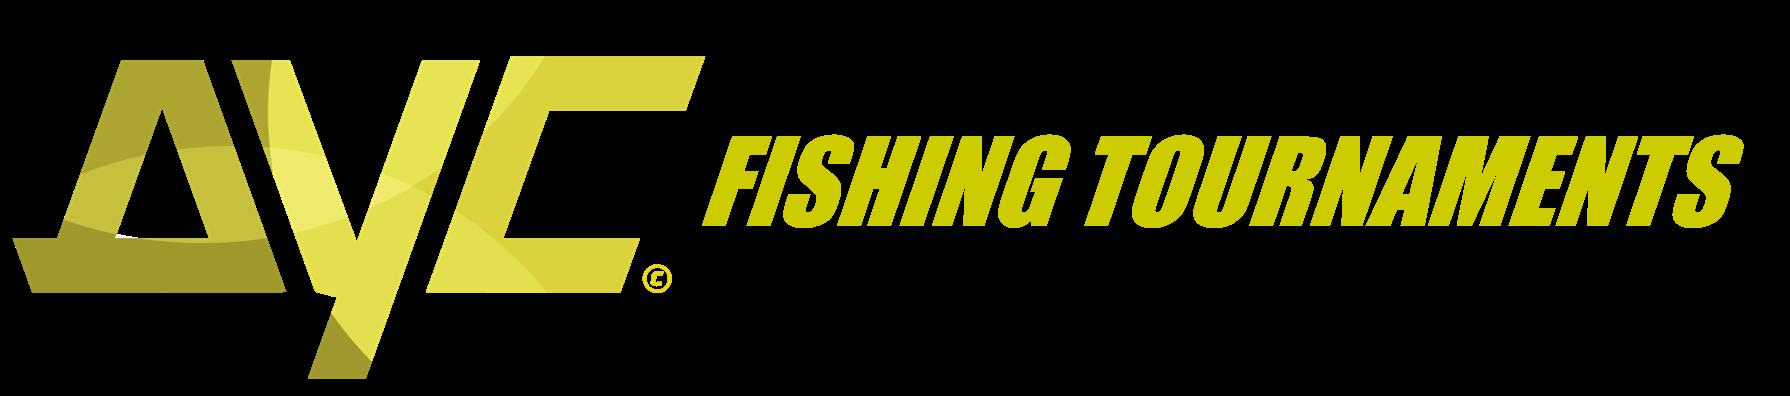 AYC Fishing